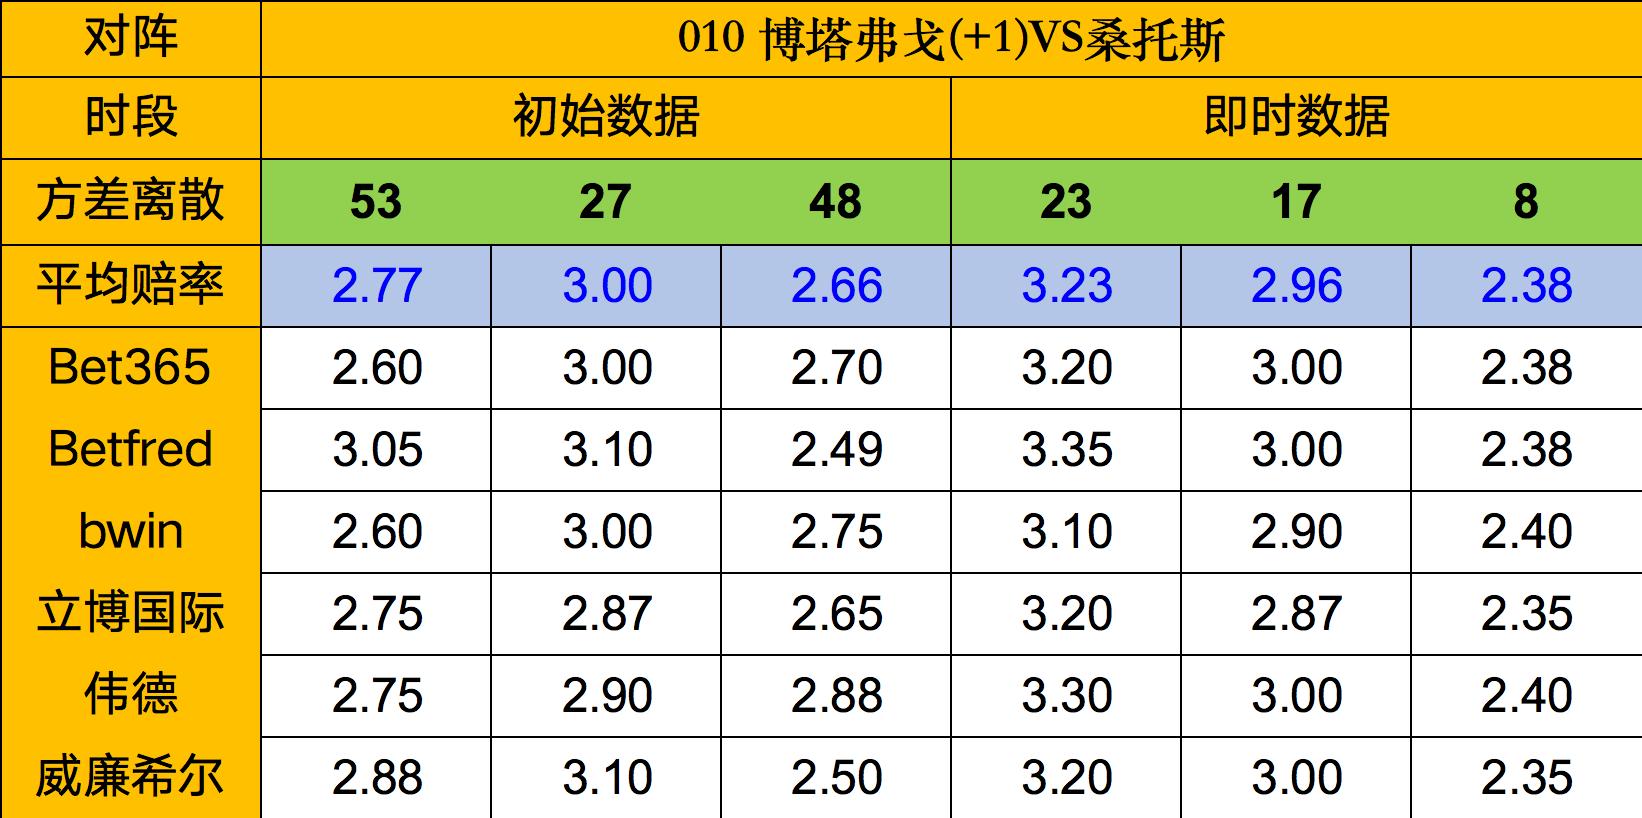 https://cdn.ttyingqiu.com/news/image/2019/7/21/201907211238000014.png